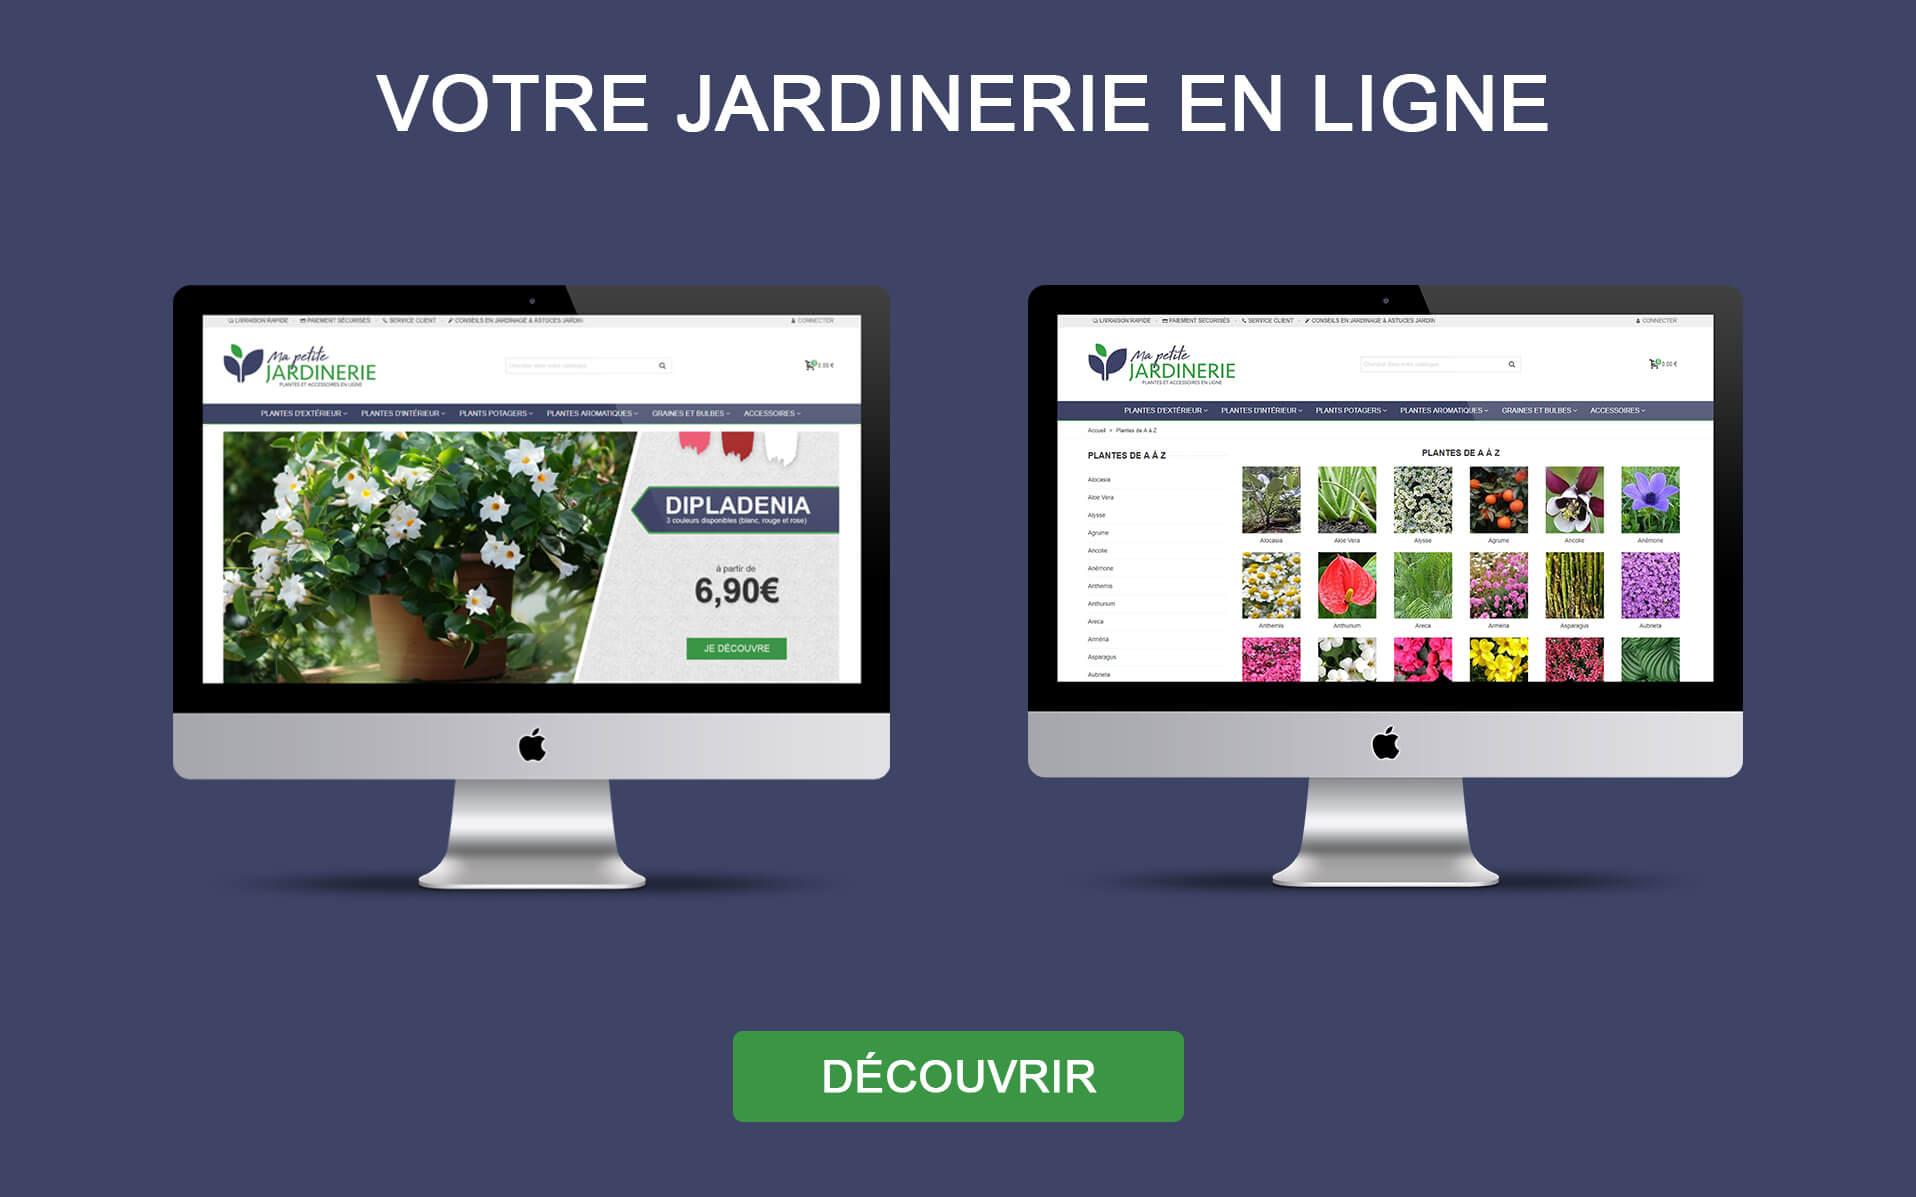 Tout Savoir Sur La Chaux Vive Et Son Utilisation Au Jardin dedans Chaux Vive Au Jardin